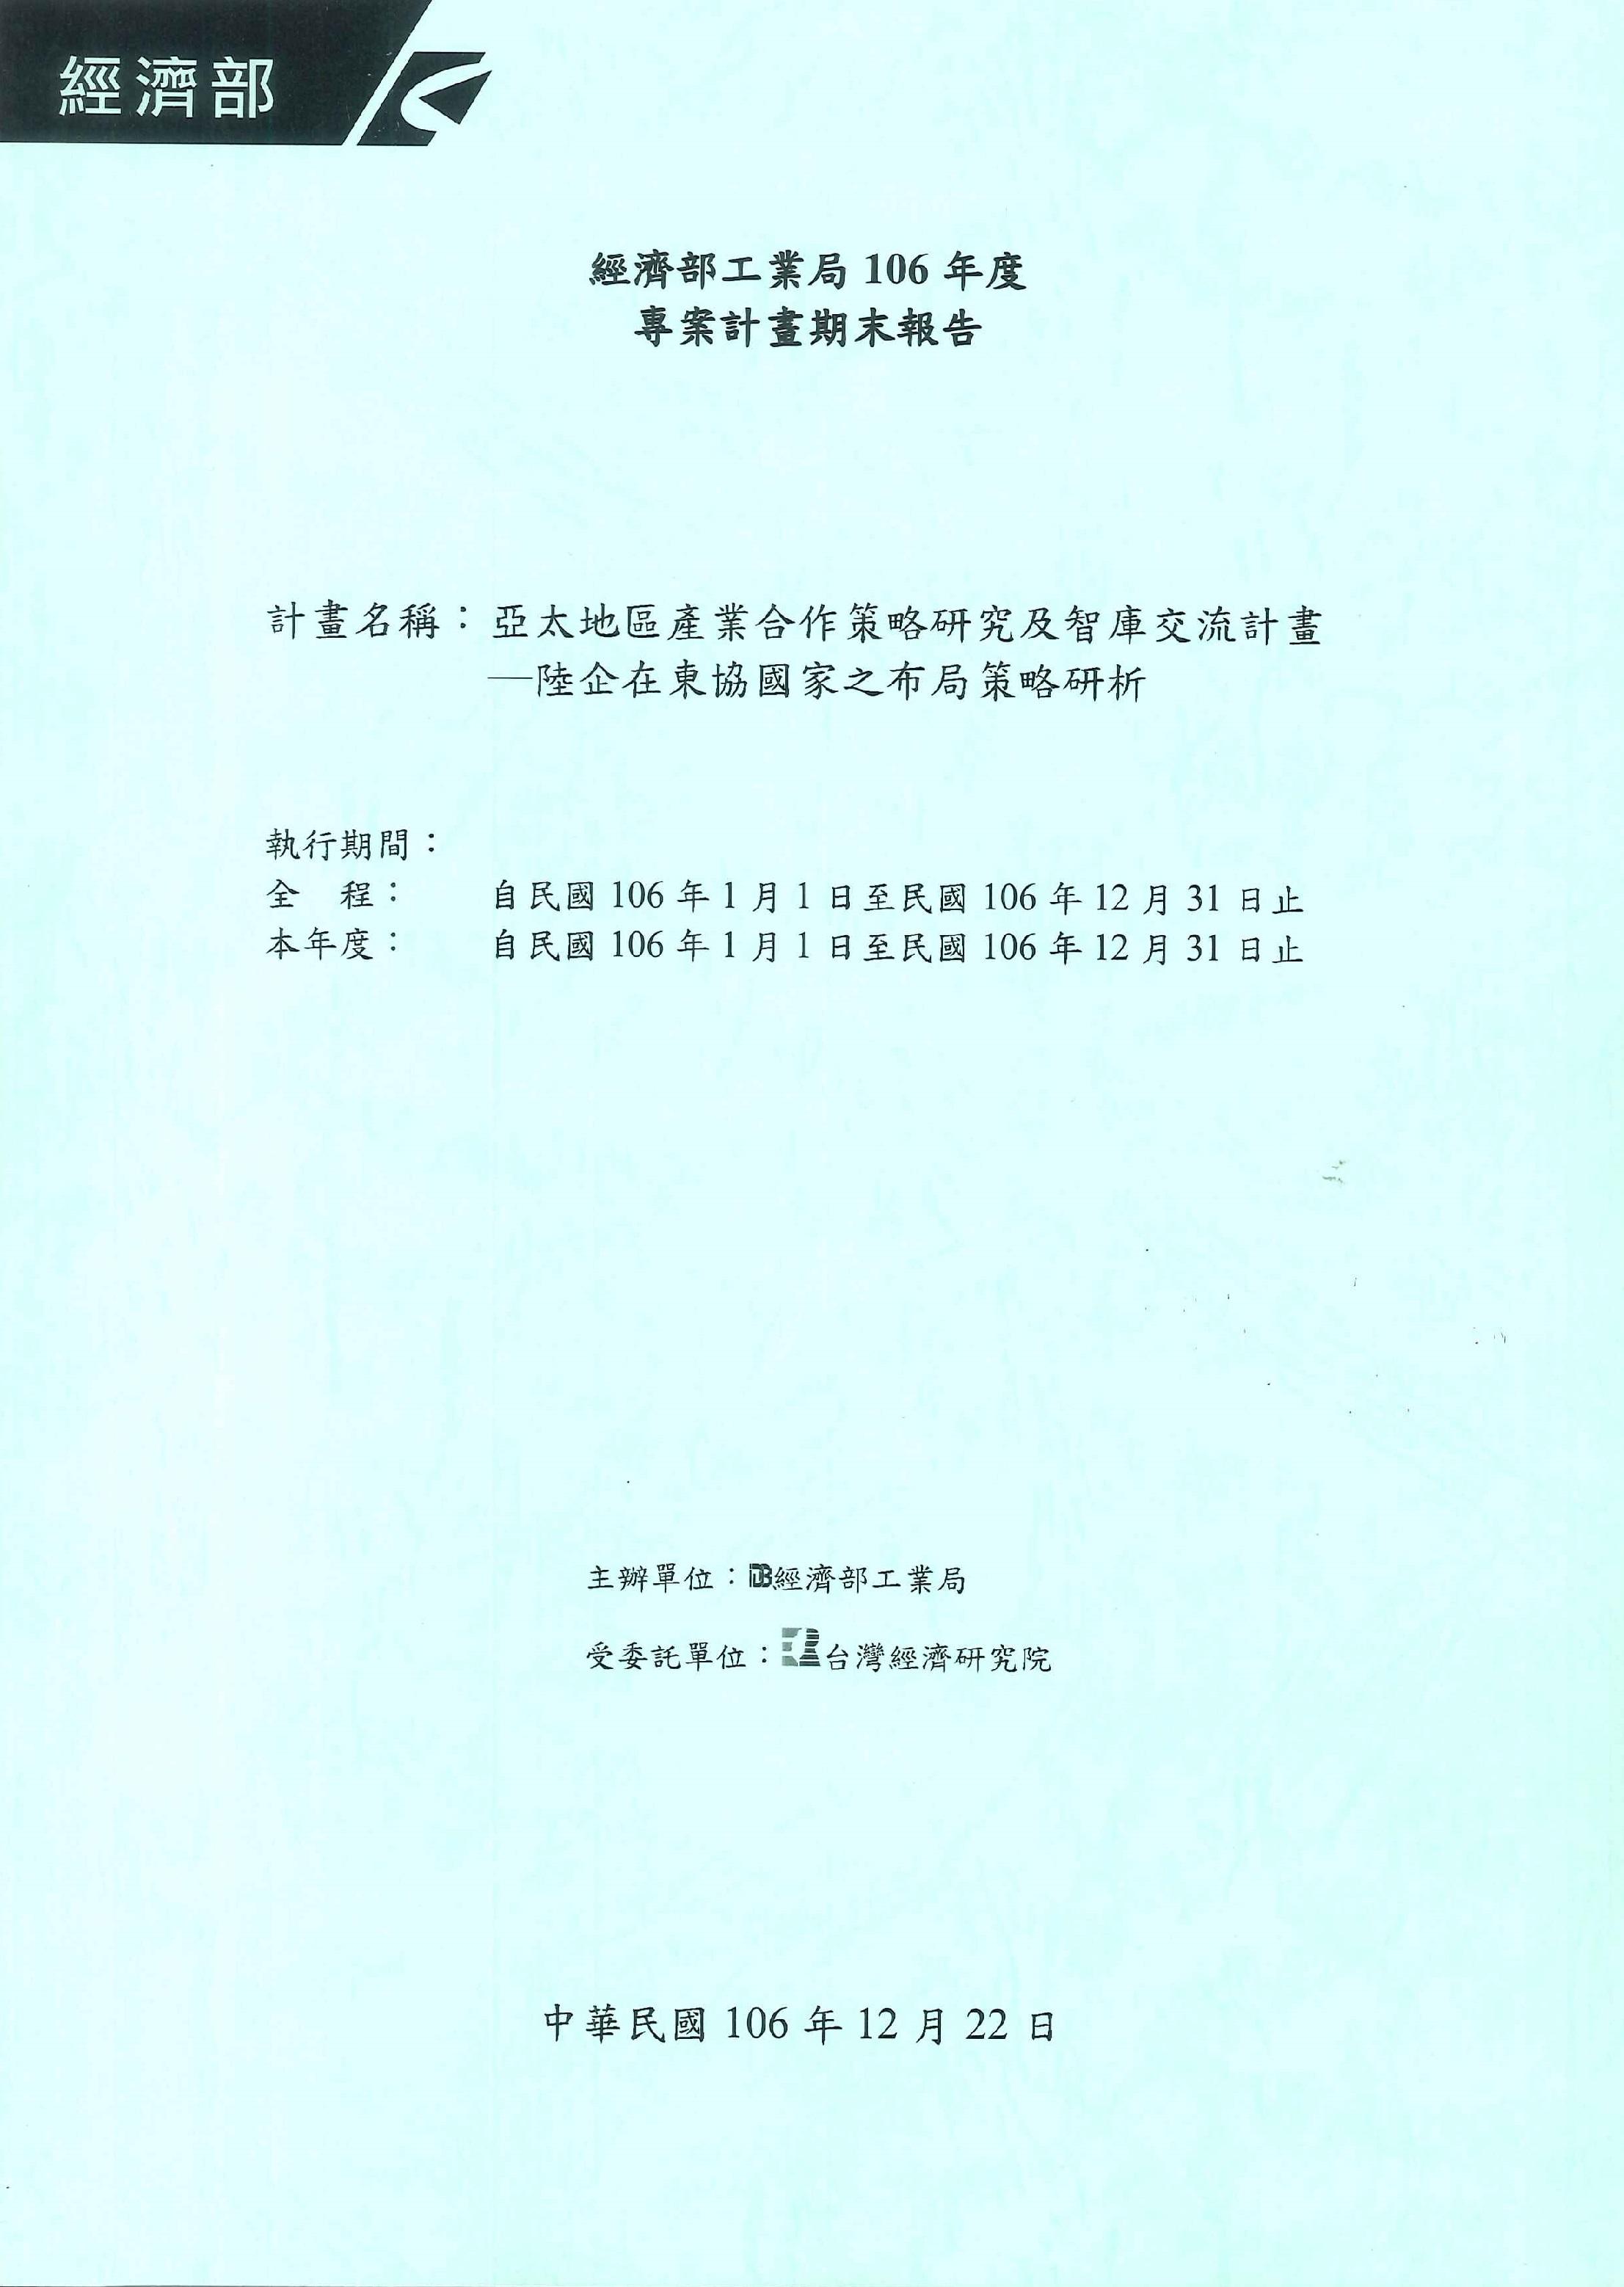 亞太地區產業合作策略研究及智庫交流計畫:陸企在東協國家之布局策略研析